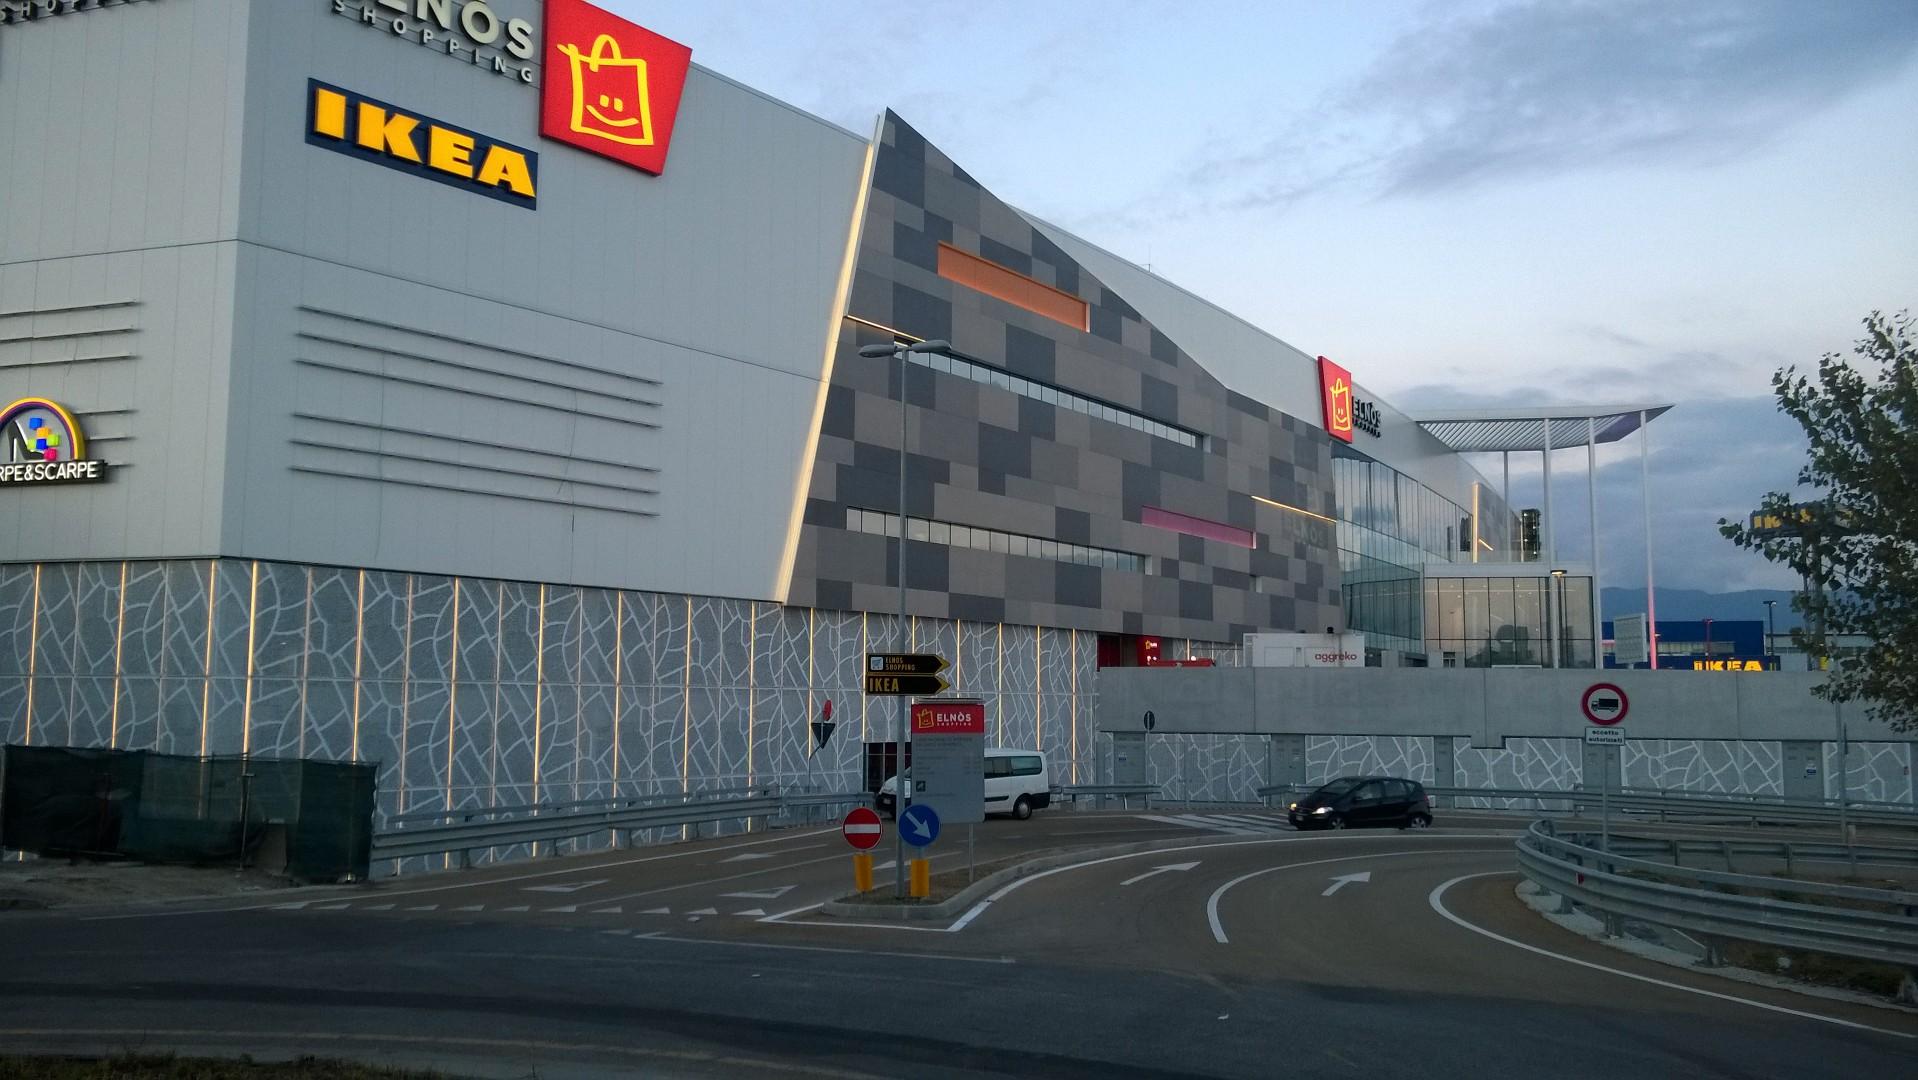 Ikea Inaugura Elnòs Shopping Il Più Grande Centro Commerciale Della